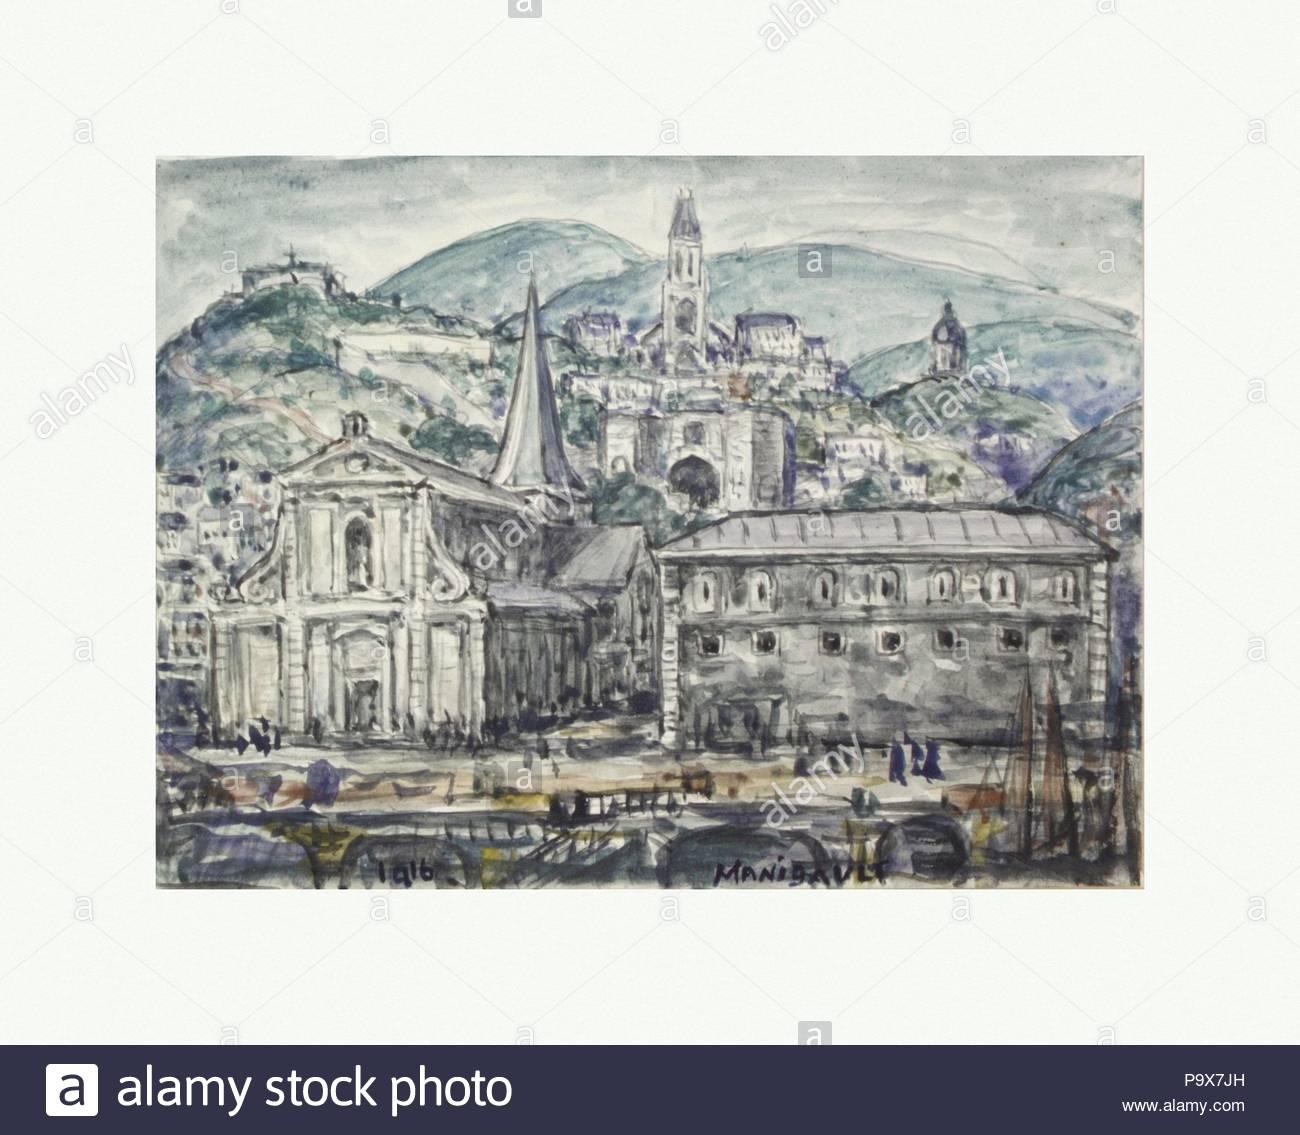 Eine Stadt in Frankreich, 1916, Aquarell auf Papier, 5 1/2 x 7 3/4 in. (14 x 19,7 cm), Zeichnungen, E. Middleton Manigault (Amerikanische (Kanada) Geboren 1887 - 1922). Stockbild